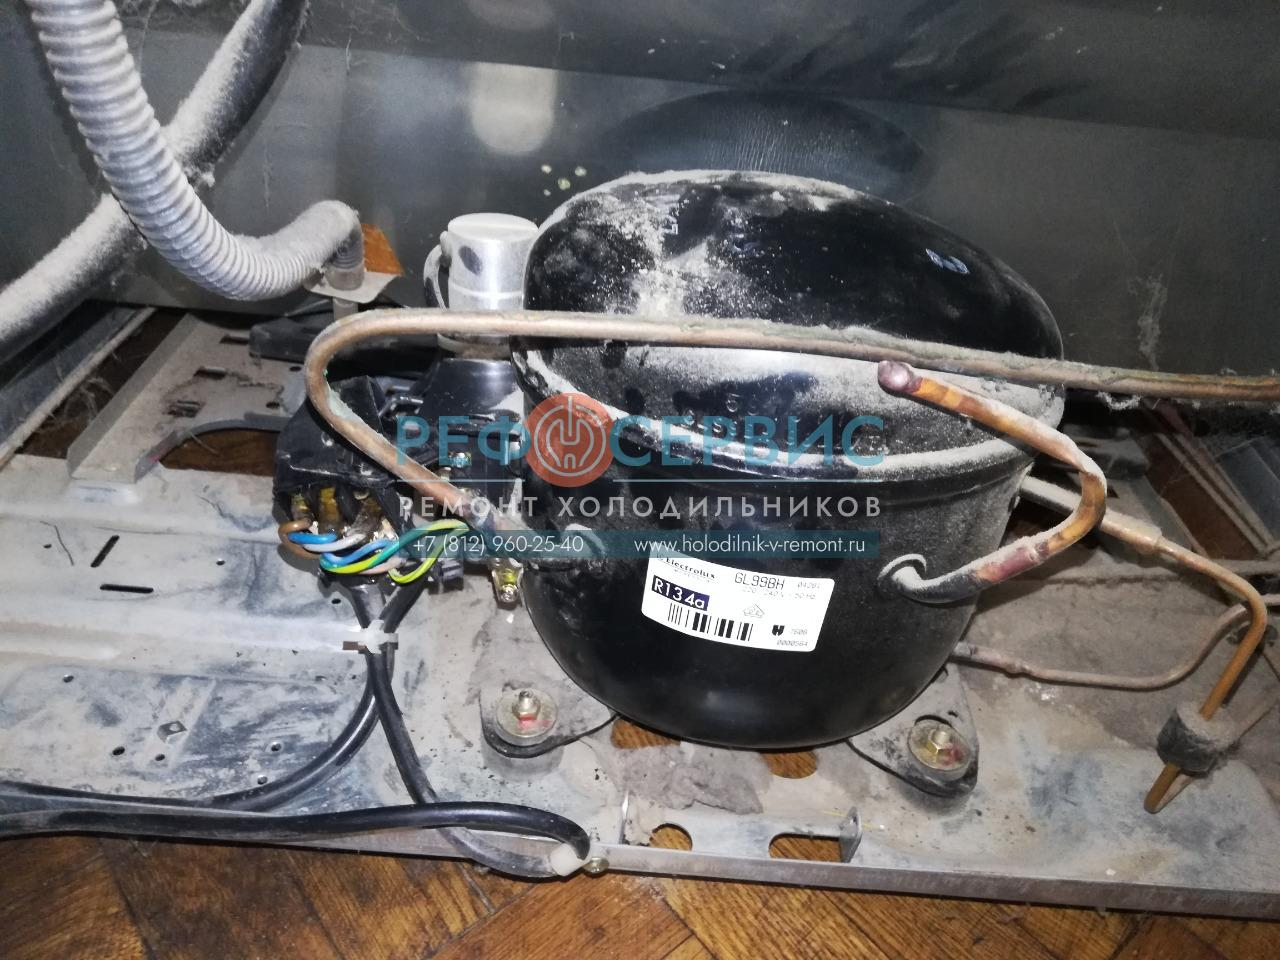 Замена пускового реле в холодильнике SHARP SJ-55G-GV